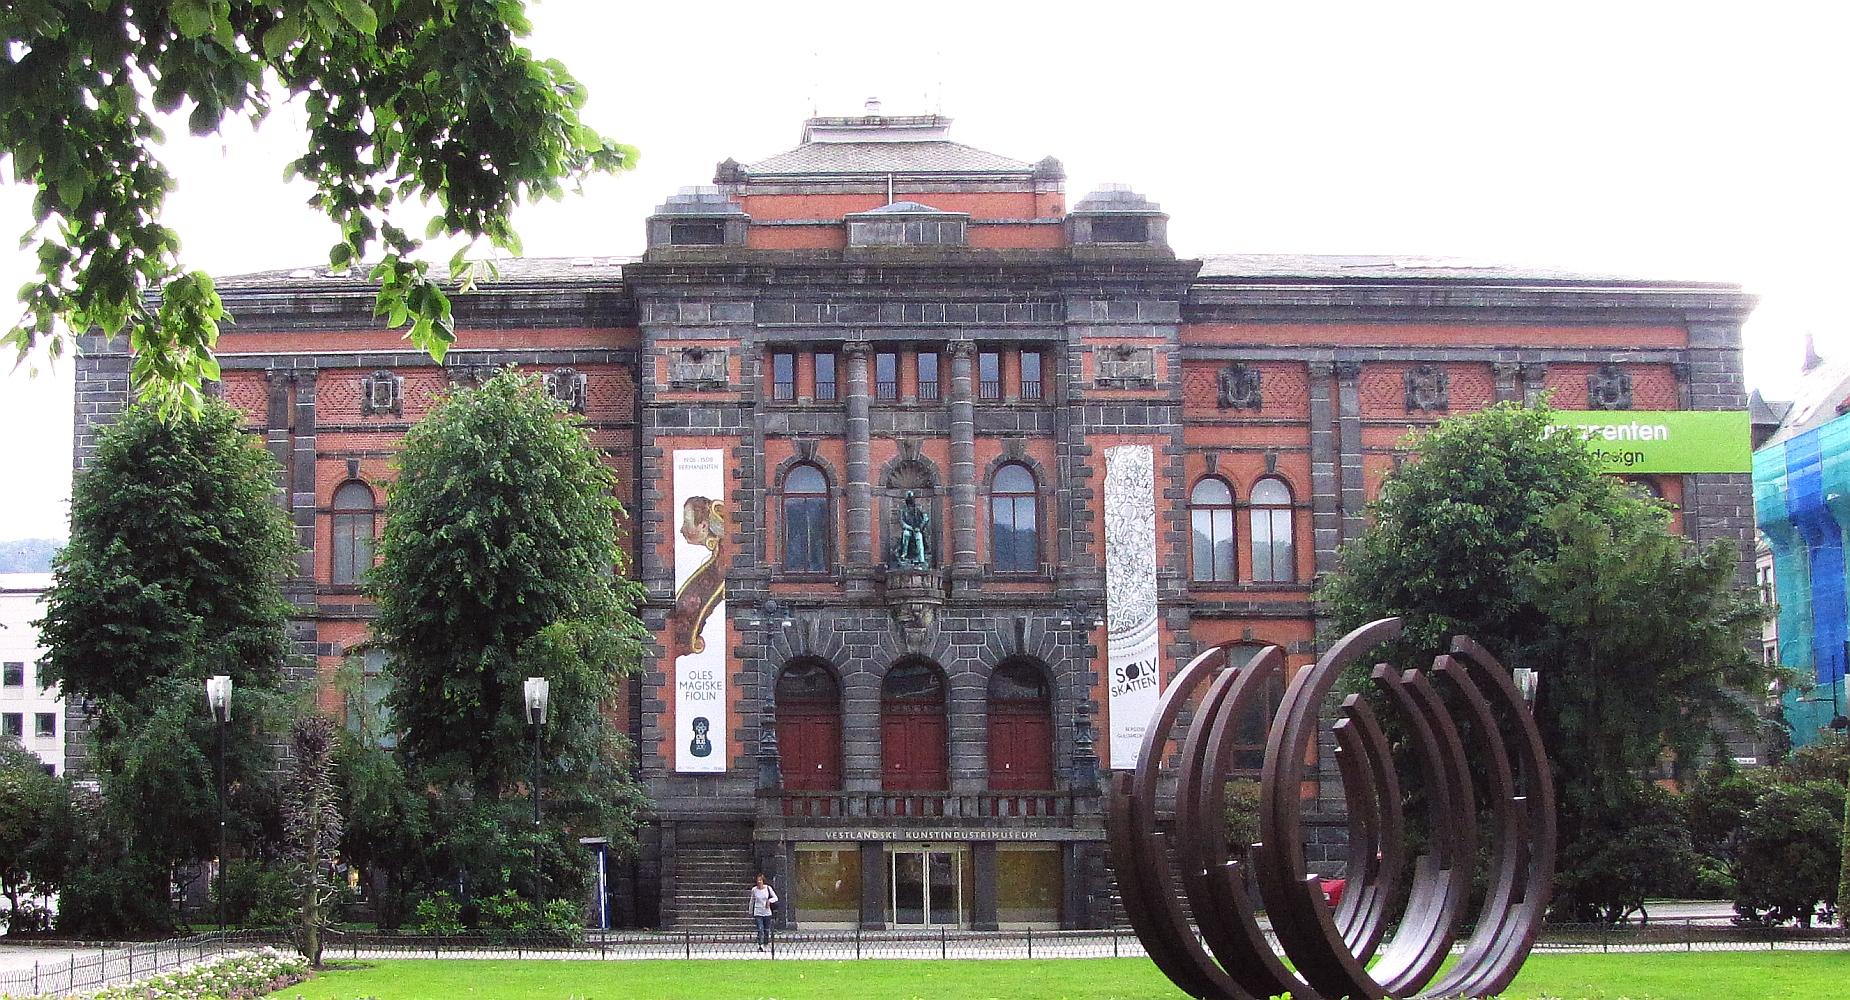 Vestlandske kunstindustrimuseum bergen